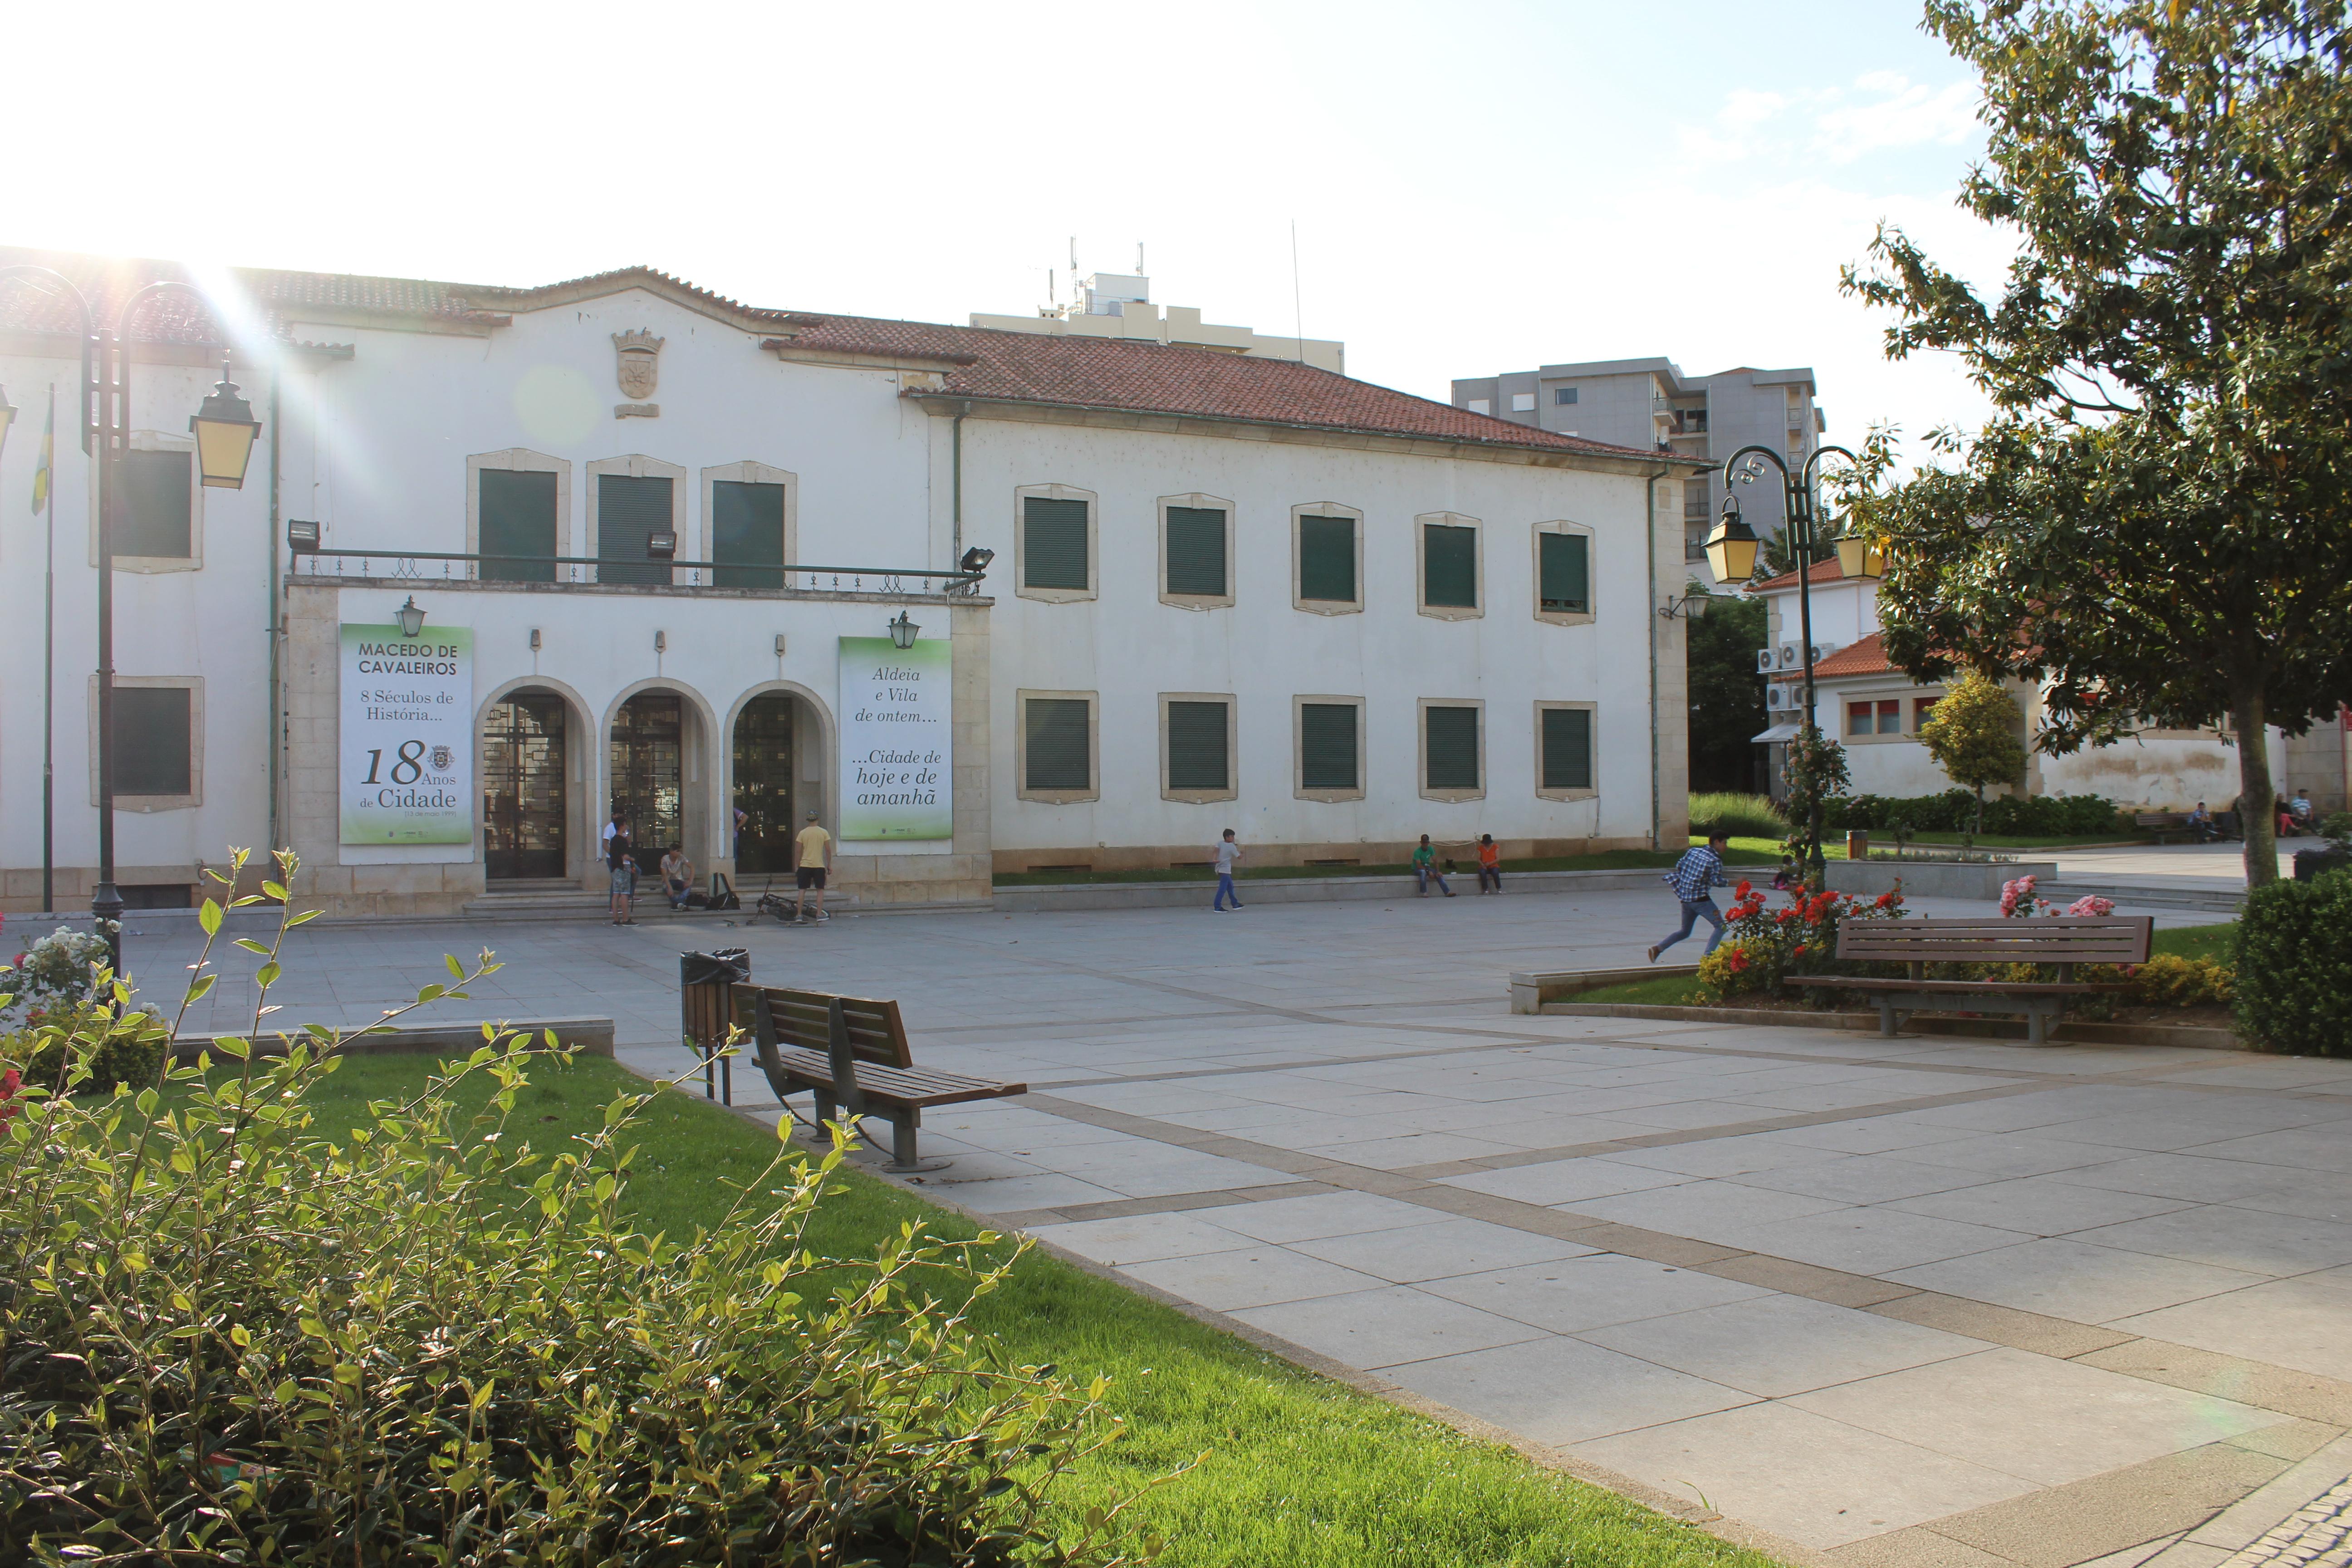 Câmara de Macedo tem 51 vagas para emprego mas não as consegue preencher